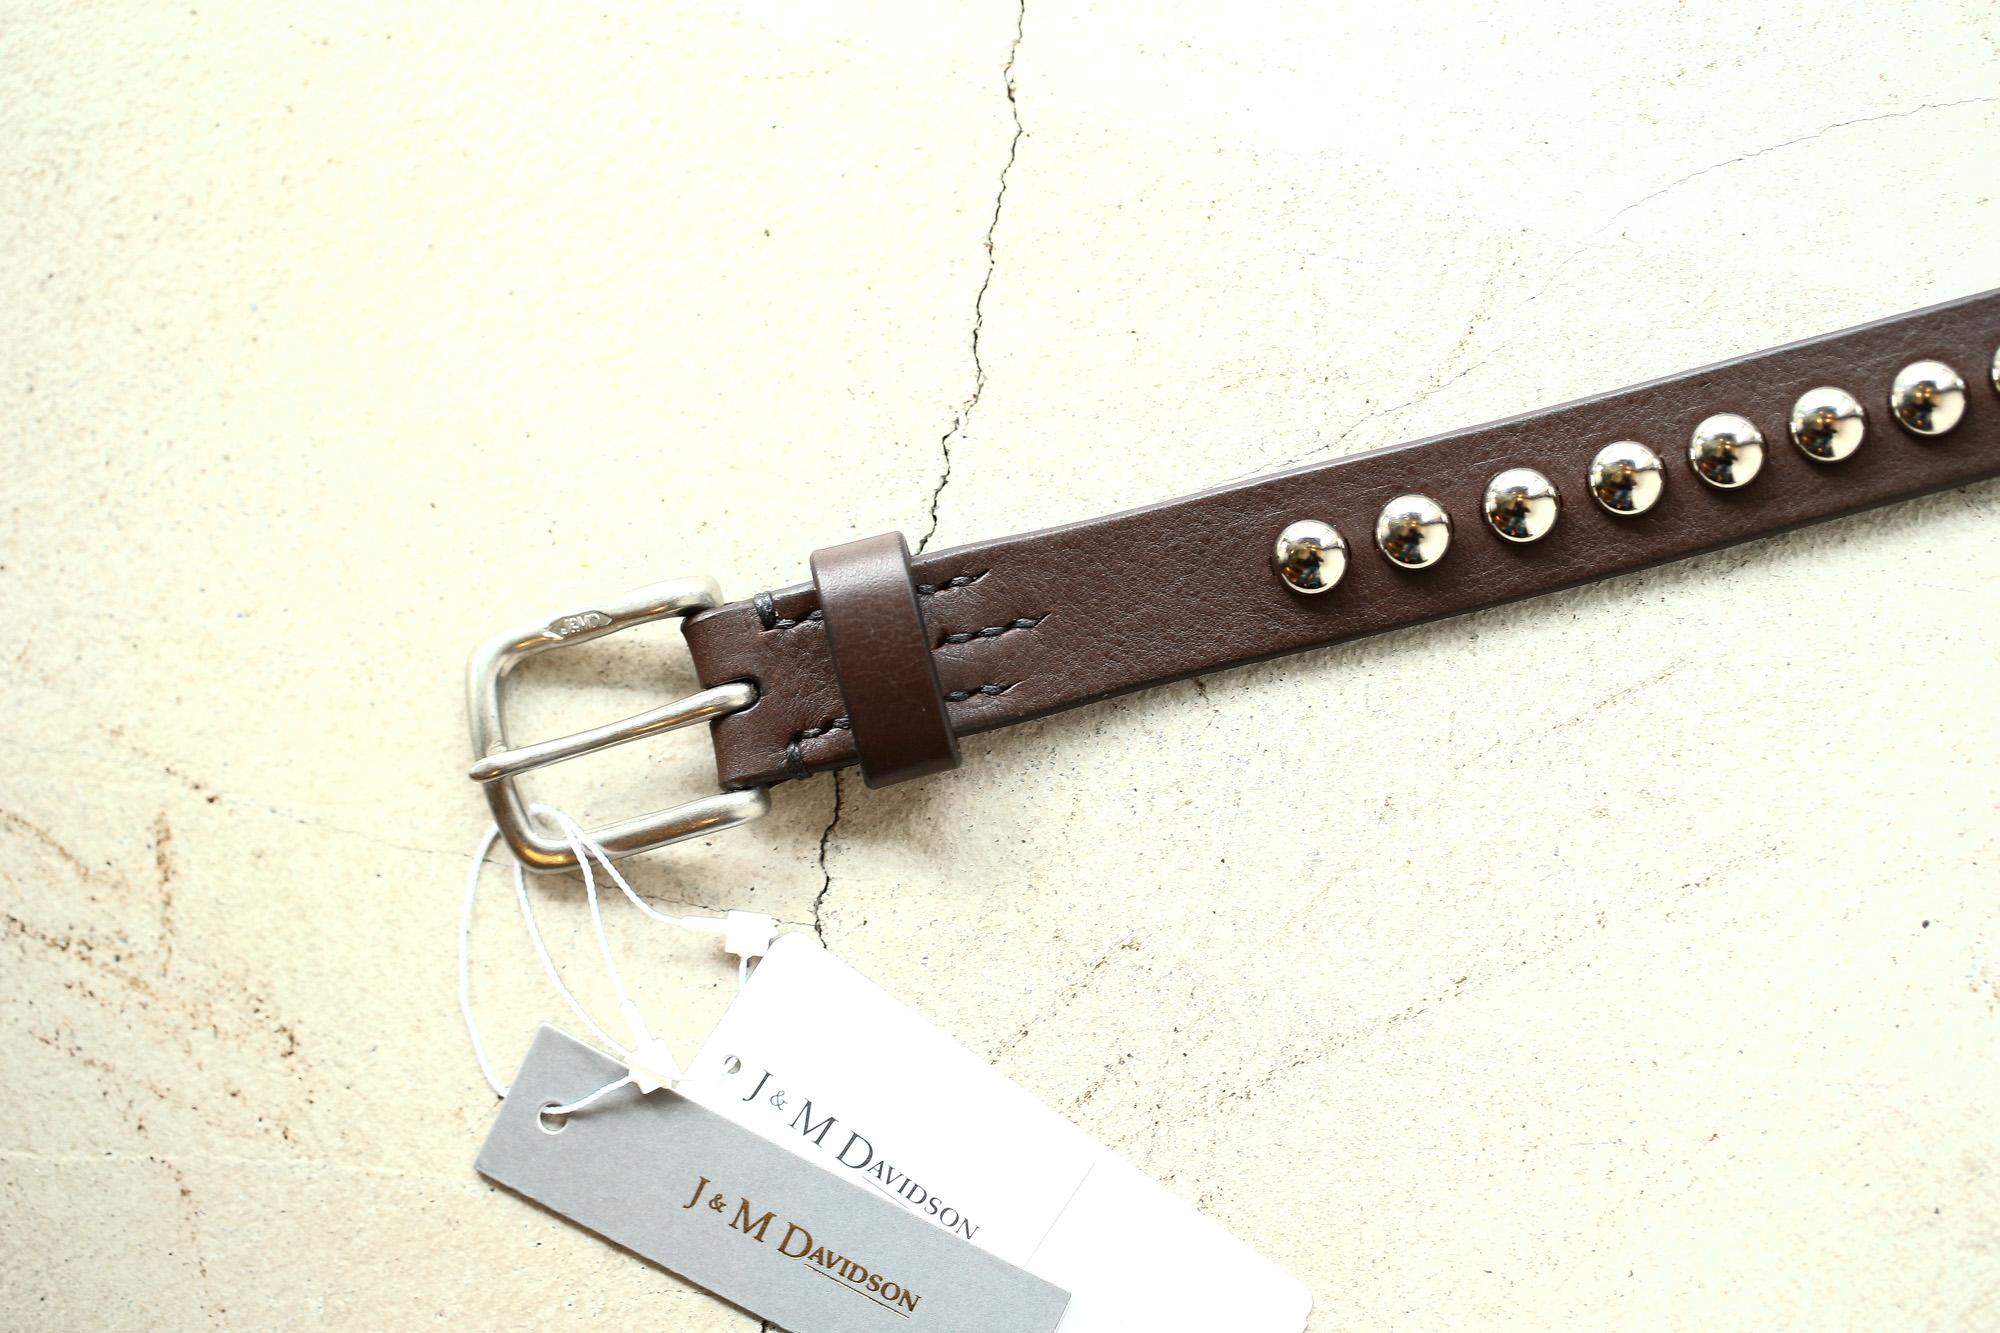 J&M DAVIDSON (ジェイアンドエムデヴィッドソン) DOME RIVETS NARROW BELT 25MM NICKEL-UNLINED (ドーム リベット ナローベルト 25mm) COWHIDE LEATHER (カウハイドレザー) スタッズベルト T.MORO (ブラウン・670) Made in italy (イタリア製) 2018 春夏新作 jandmdavidson jmdavidson 愛知 名古屋 Alto e Diritto アルト エ デリット ベルト ジェイエム